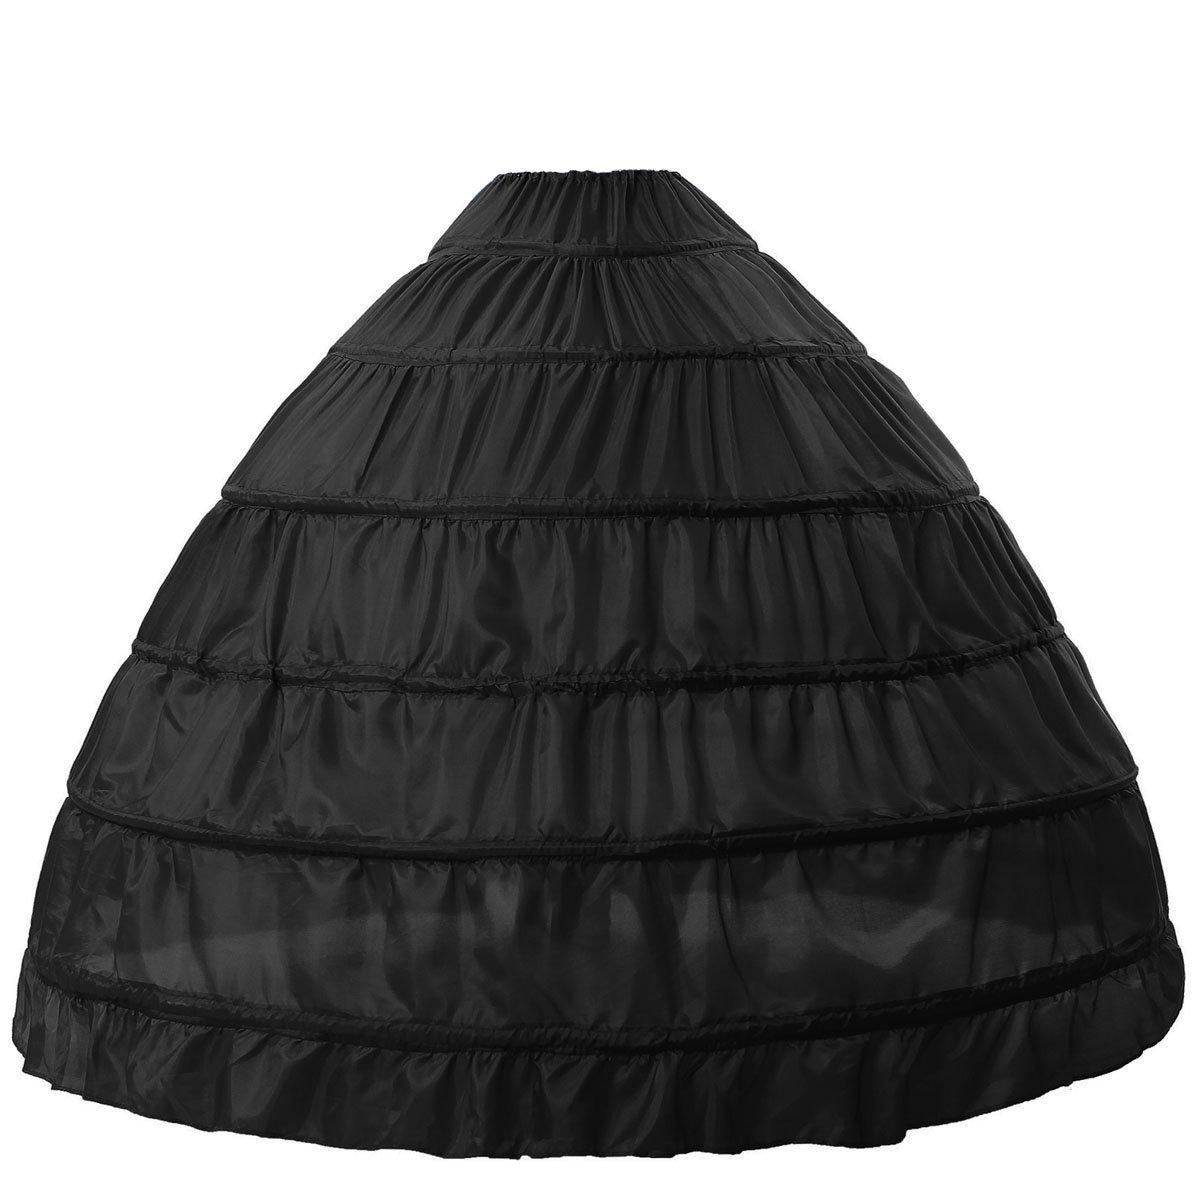 BEAUTELICATE Sottogonna Petticoat Donna Gonna Lunga 6 Cerchio Crinolina Rockabilly Vintage Sottoveste per Vestito Abito da Sposa Anni 50 Bianca Nera Petticoat-08-Orange